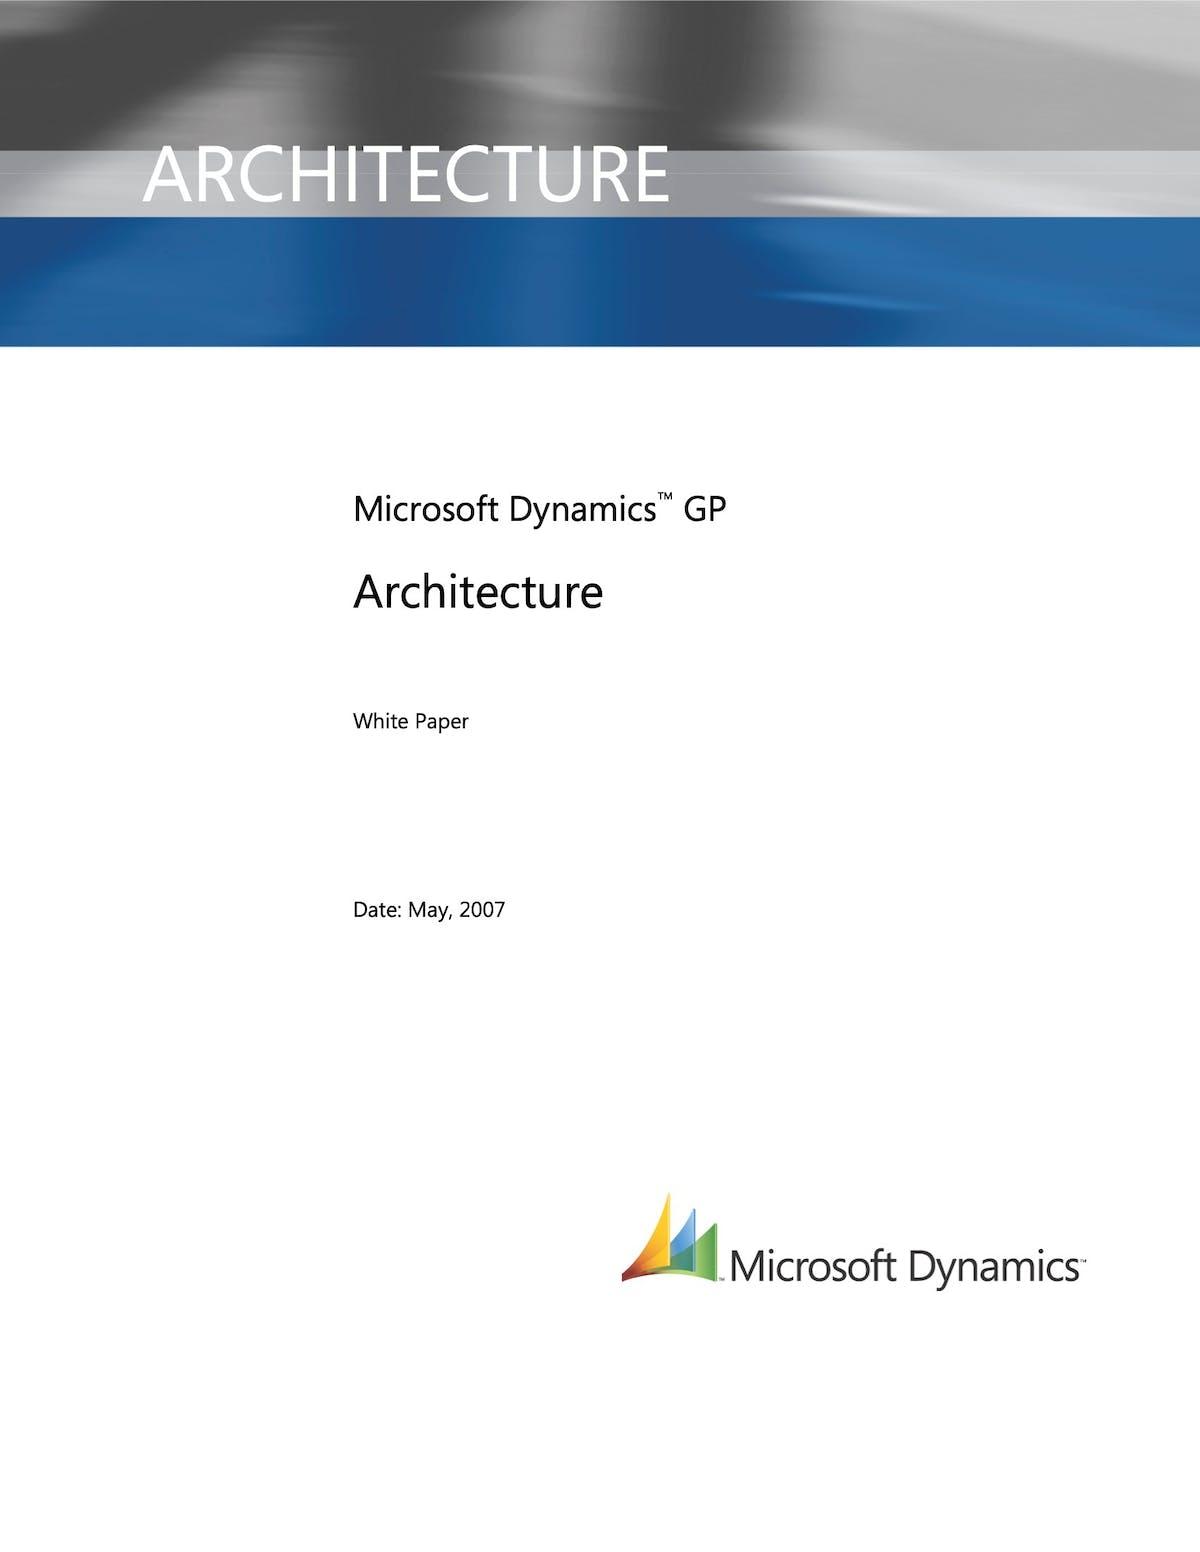 Microsoft Dynamics GP White Paper - Microsoft Dynamics GP Architecture